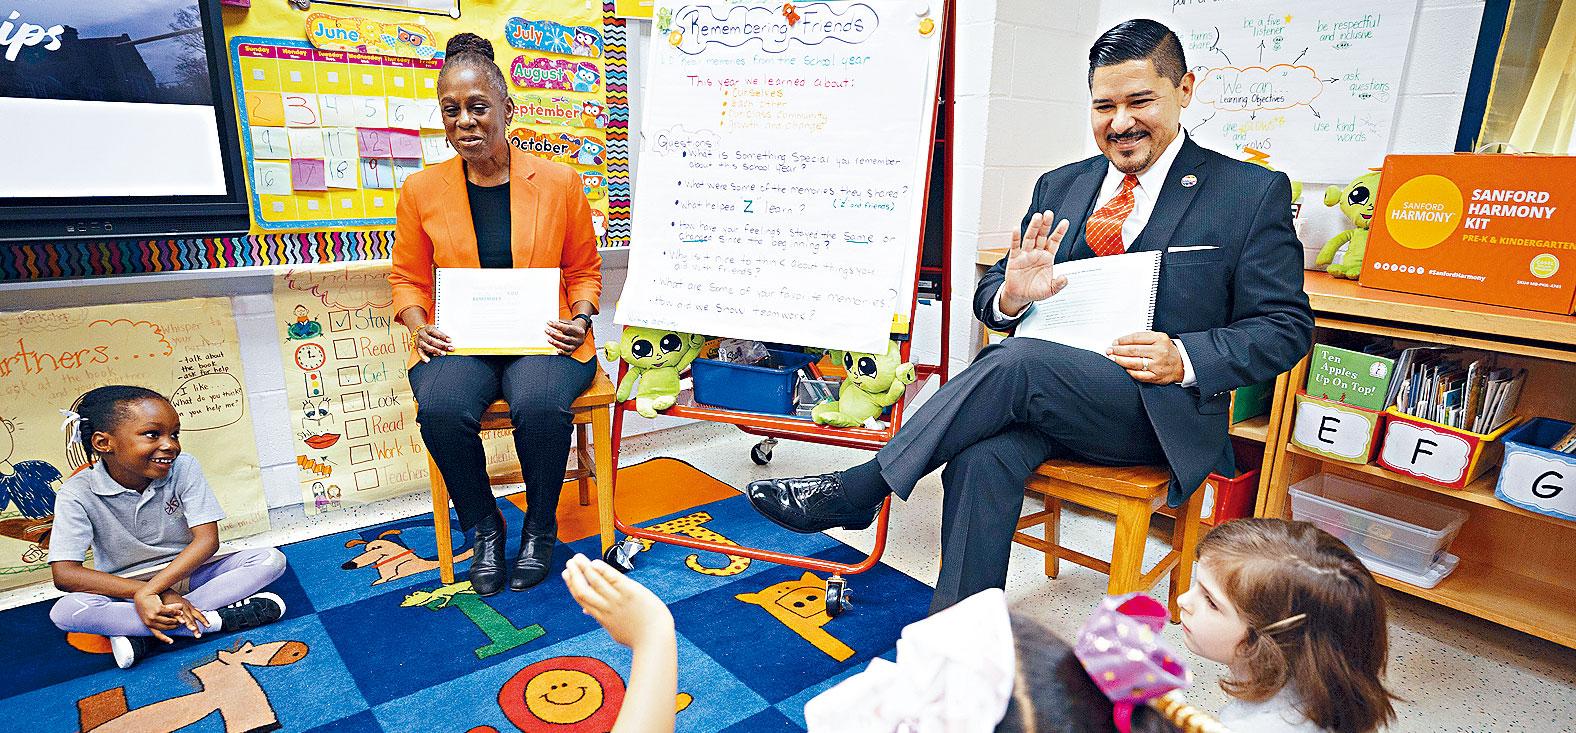 學校多元化諮詢小組提出取消資優計劃,卡蘭薩表示將會審查建議。James Estrin/紐約時報